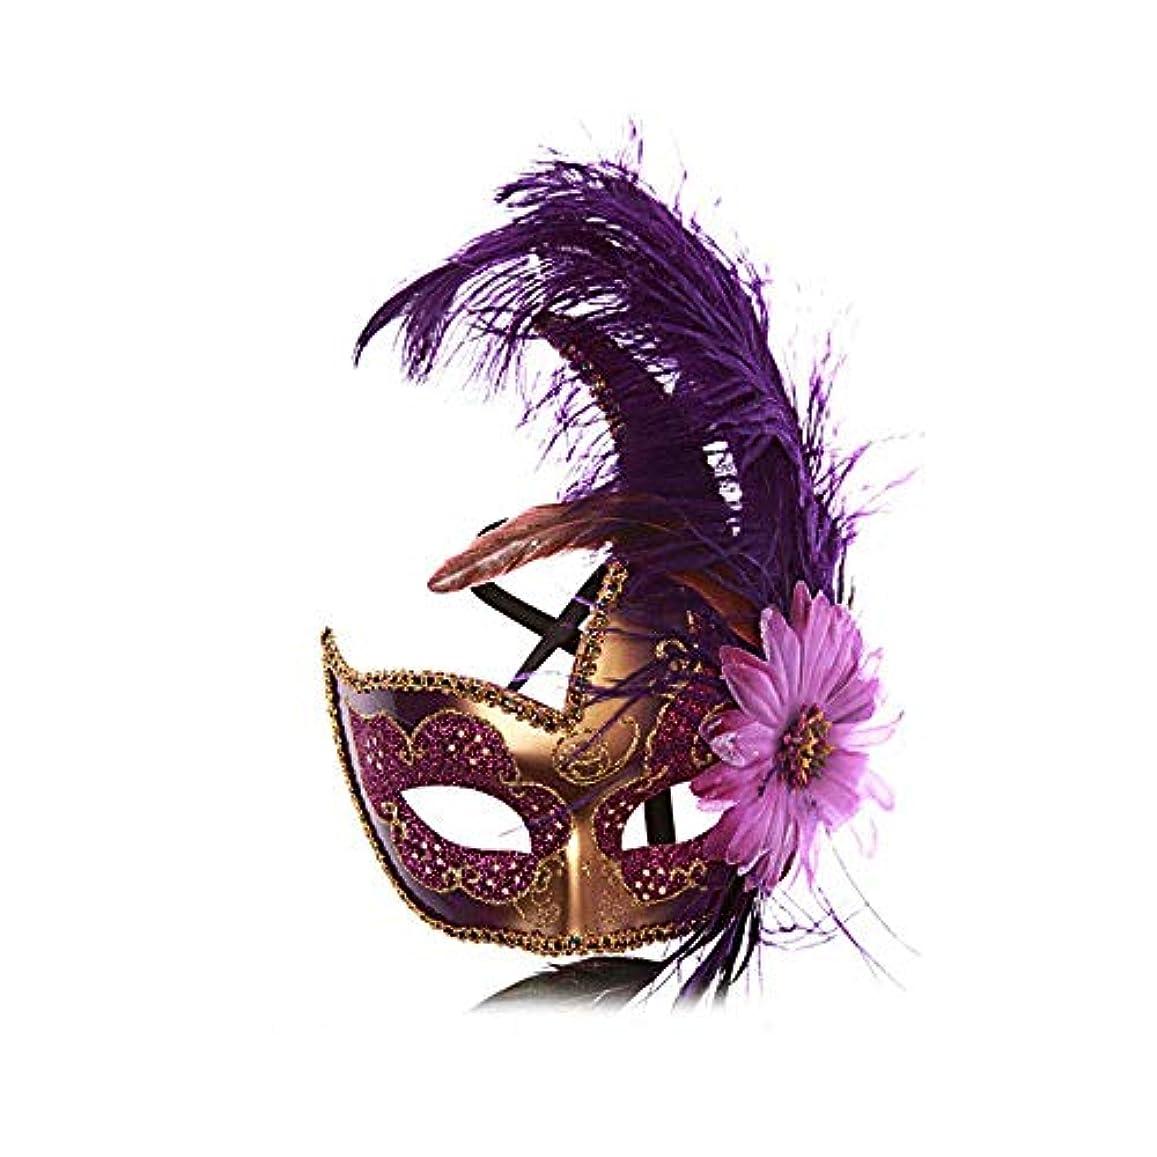 ワイン振り子コメントNanle ハロウィンマスクハーフフェザーマスクベニスプリンセスマスク美容レース仮面ライダーコスプレ (色 : Style B purple)